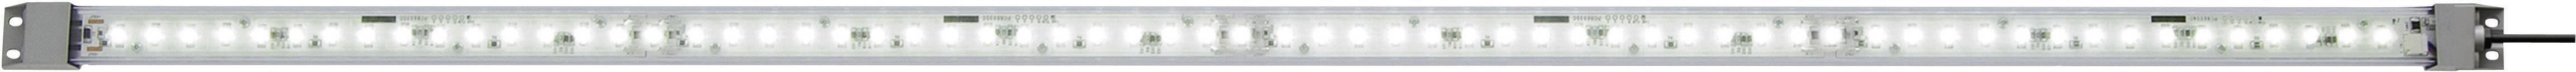 LED osvětlení zařízení LUMIFA Idec LF1B-NF3P-2THWW2-3M, 24 V/DC, bílá